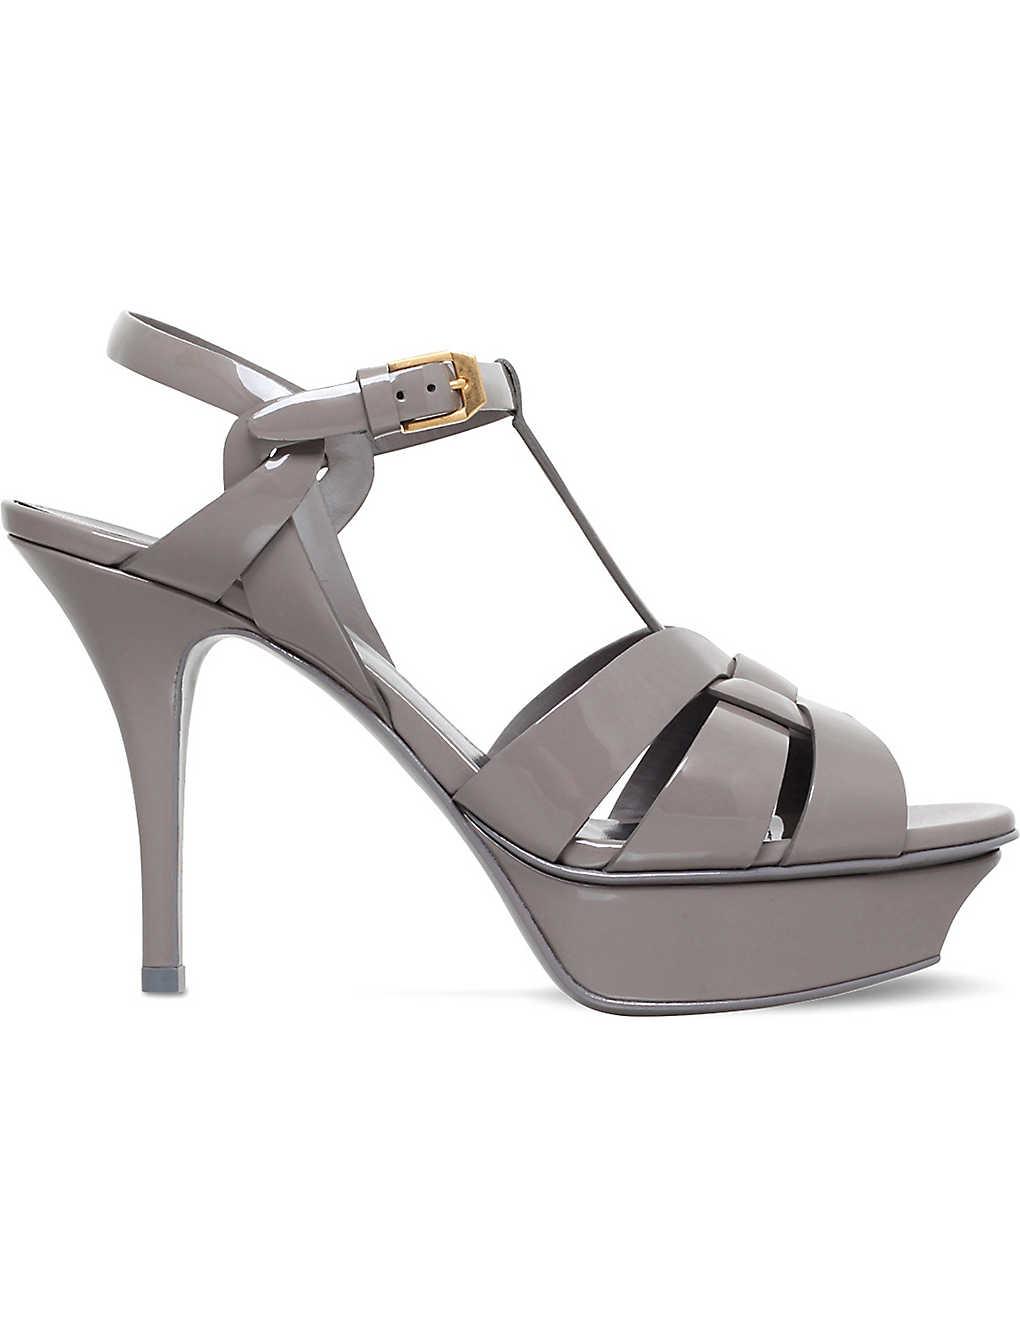 99191ff28e8 SAINT LAURENT - Tribute 75 patent-leather platform sandals ...